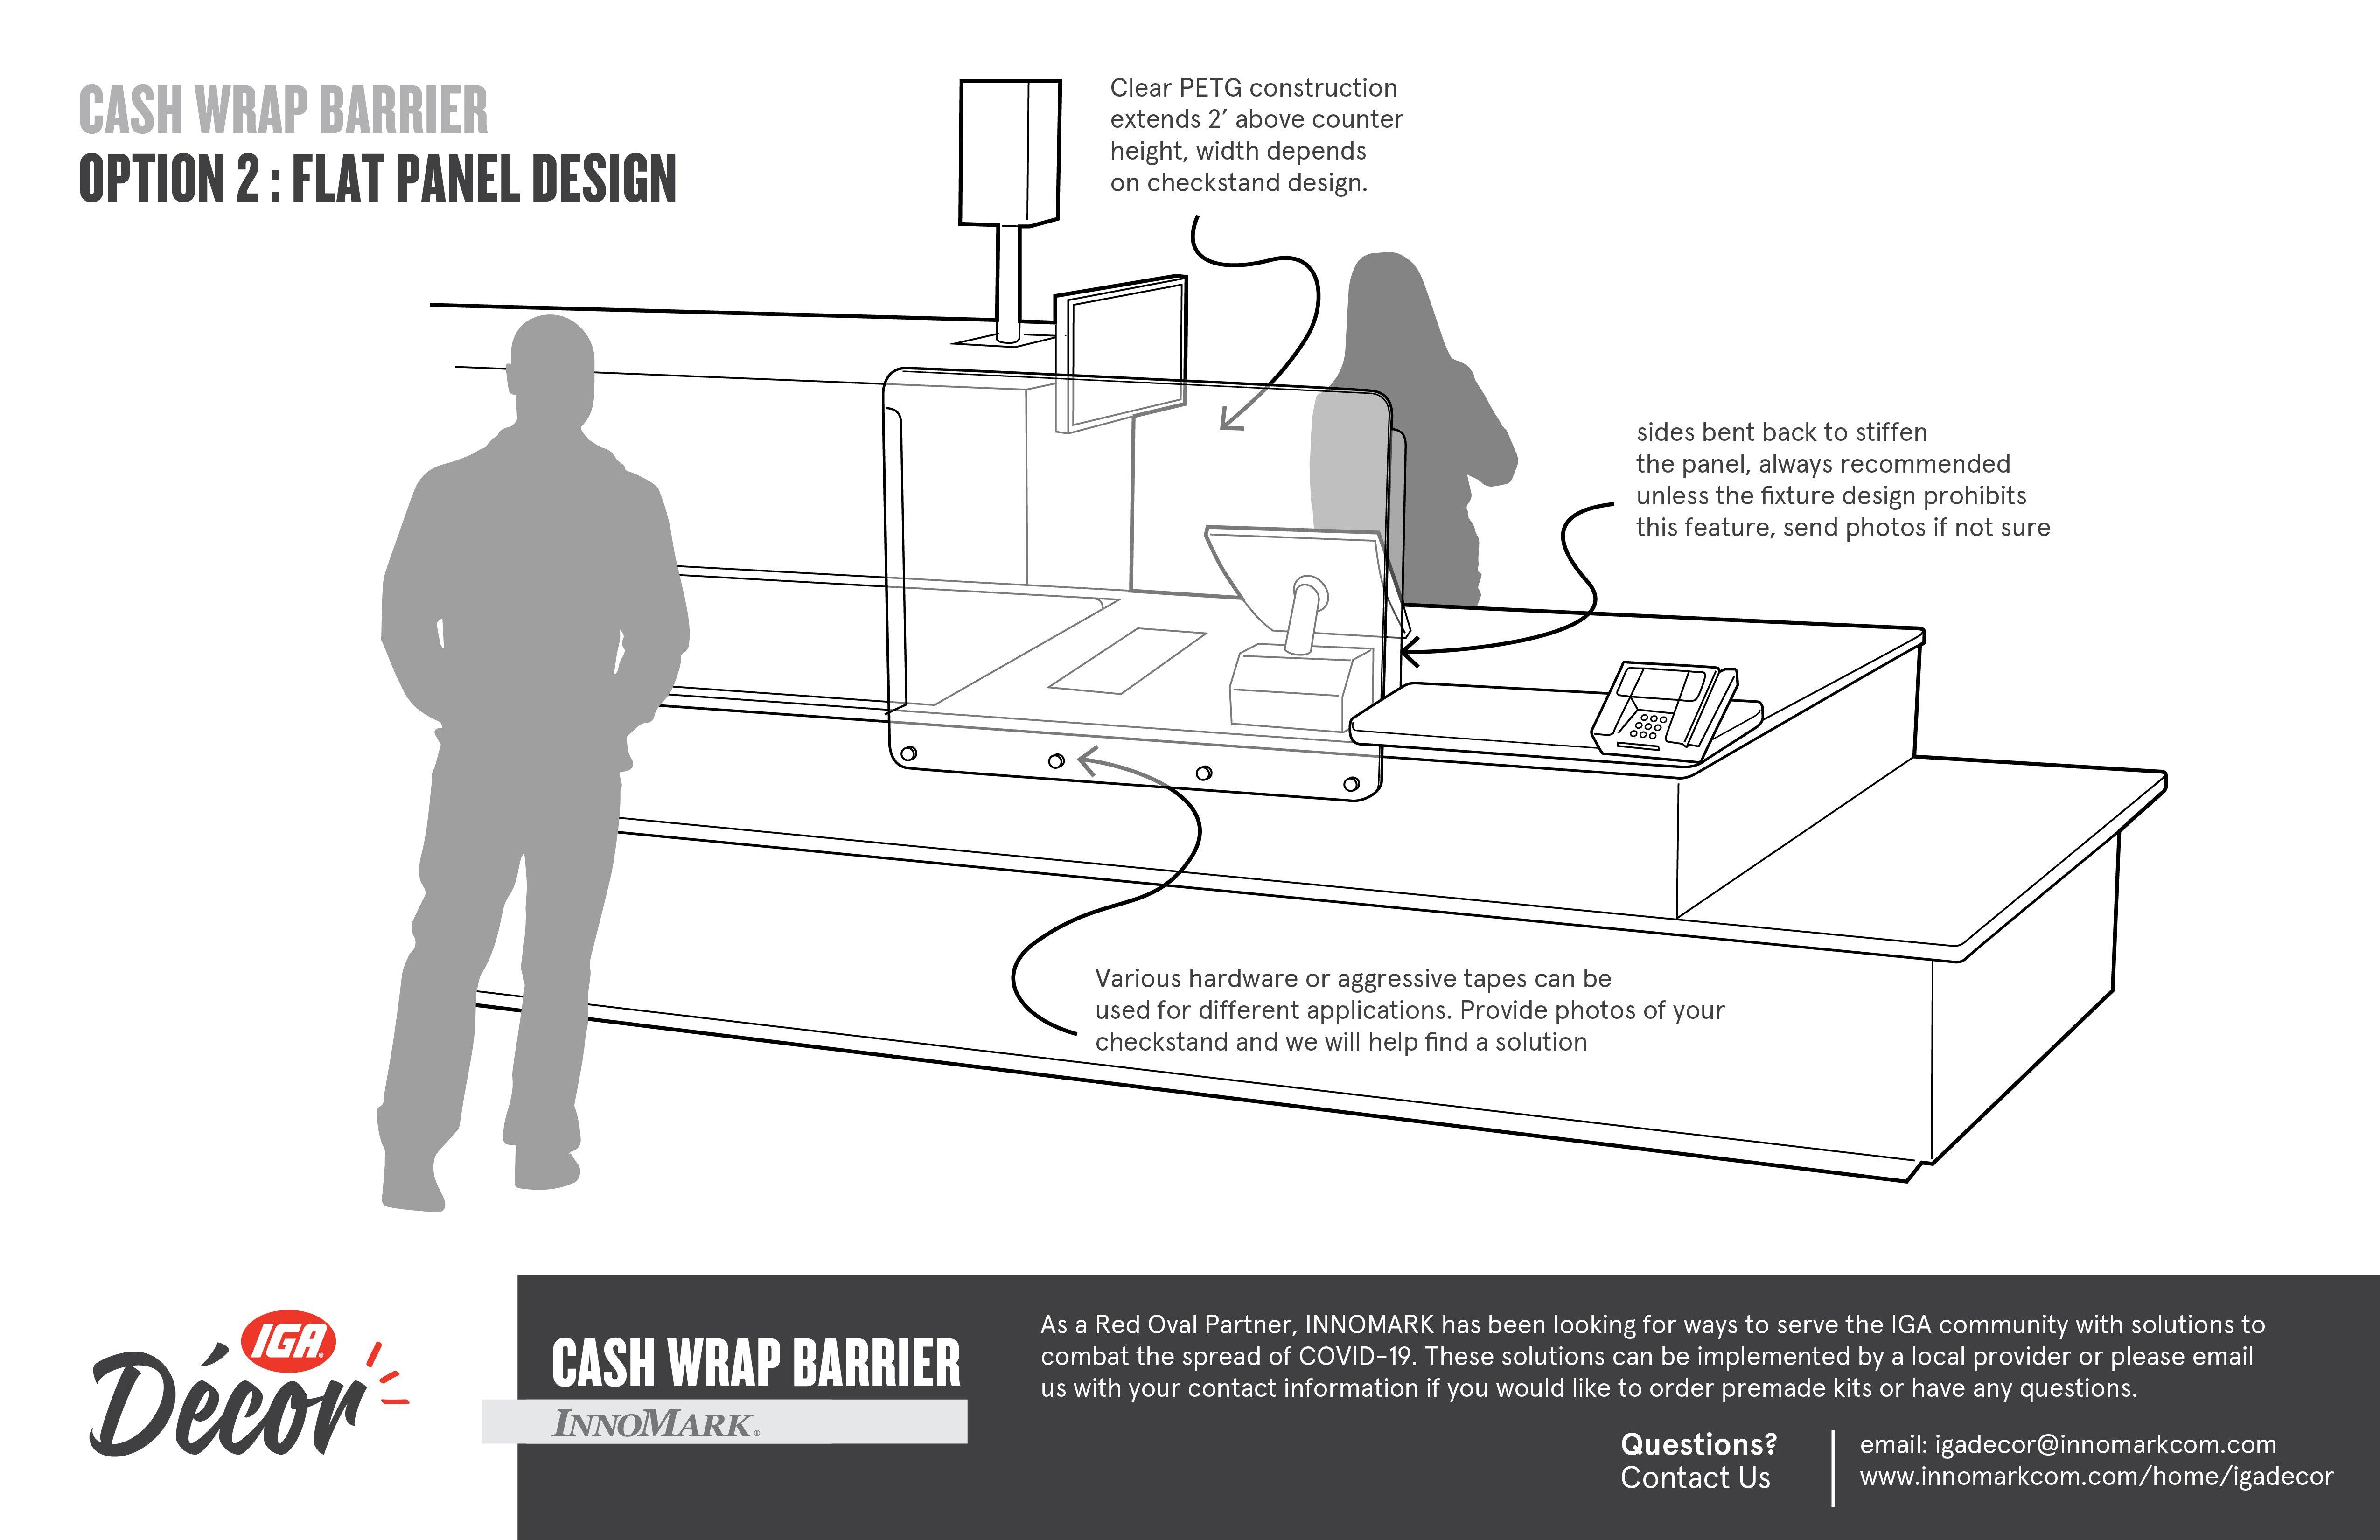 cash_wrap_barrier_designs-02